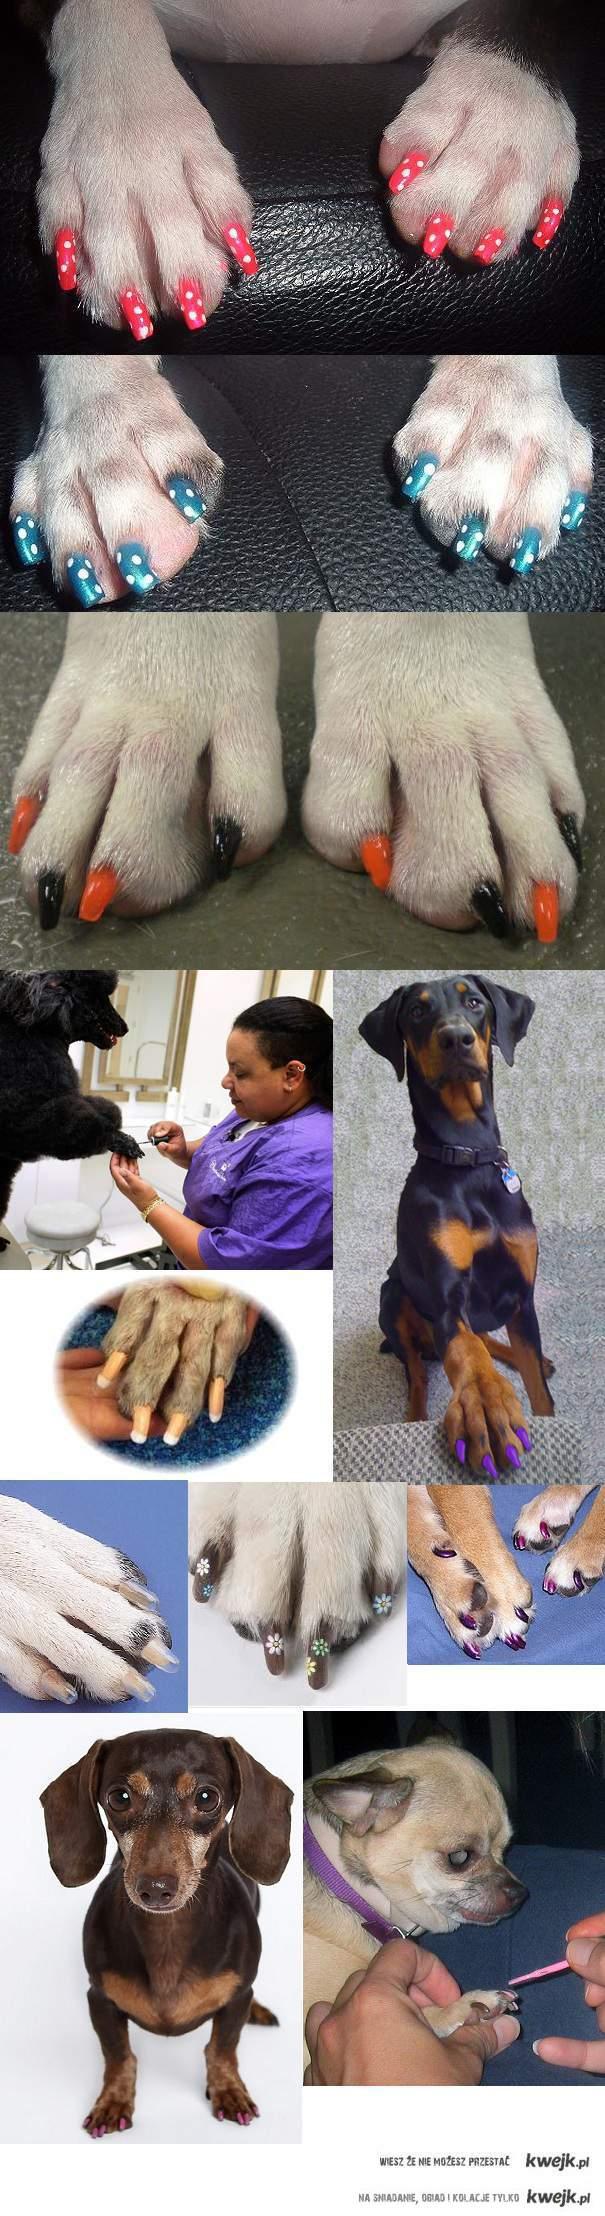 psi manikjur